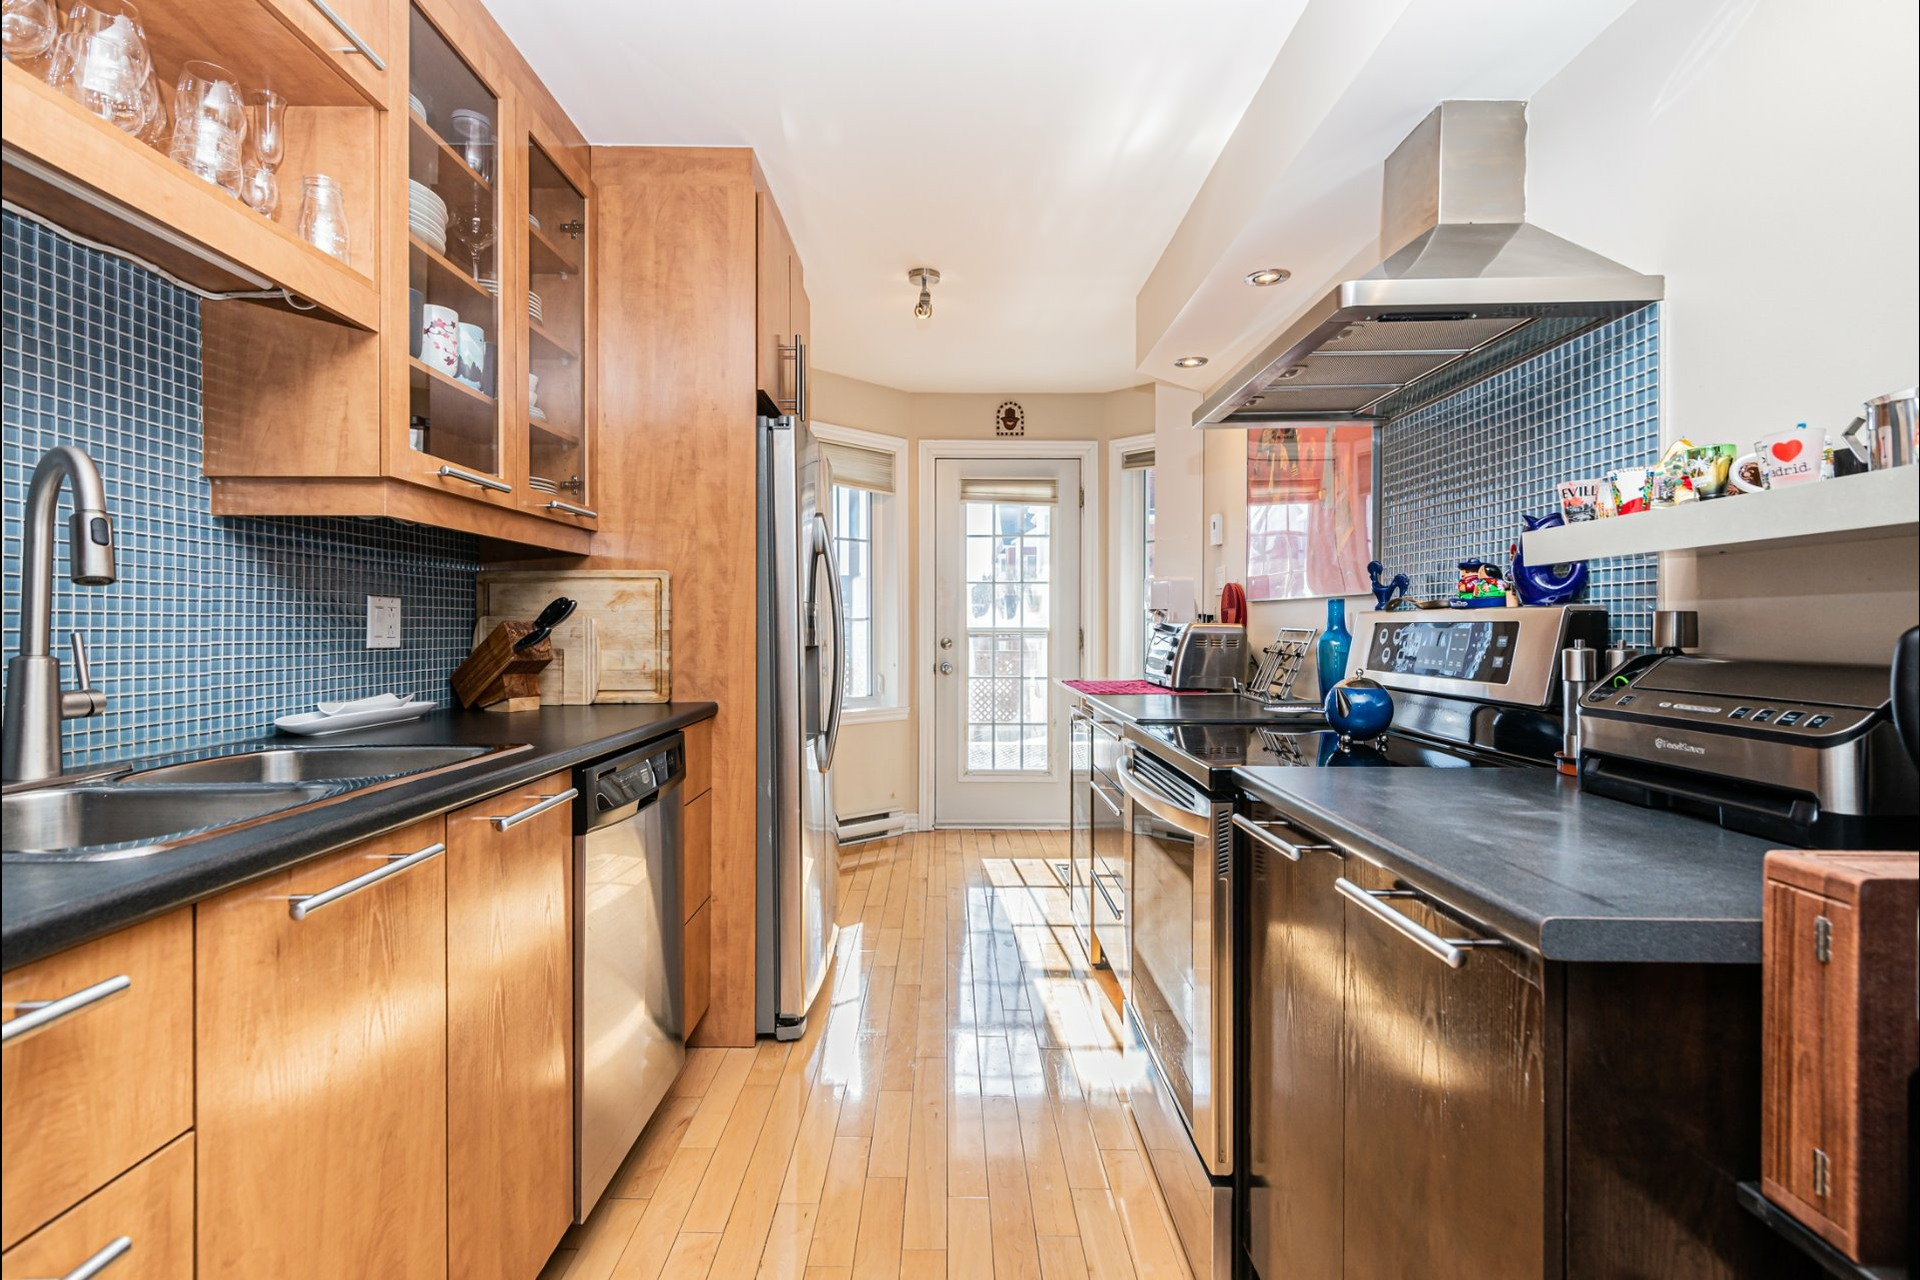 image 6 - 公寓 出售 Saint-Laurent Montréal  - 4 室